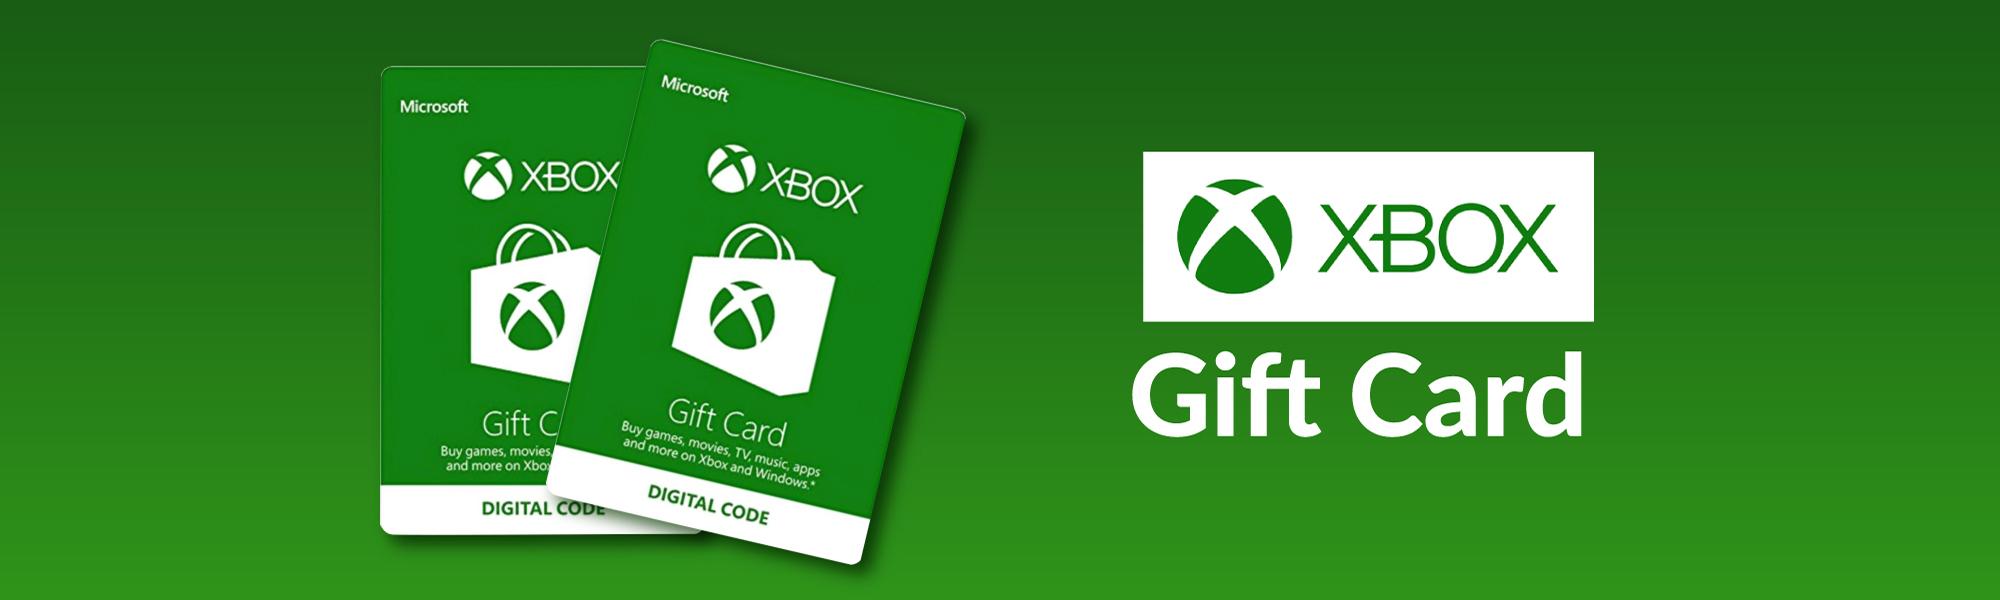 Xbox Gift Card 10 EUR - 1 apparaat - Nederlands | K4W-02558 (8c4ea412-4f41-4ef8-a1a2-ee38835760d8)